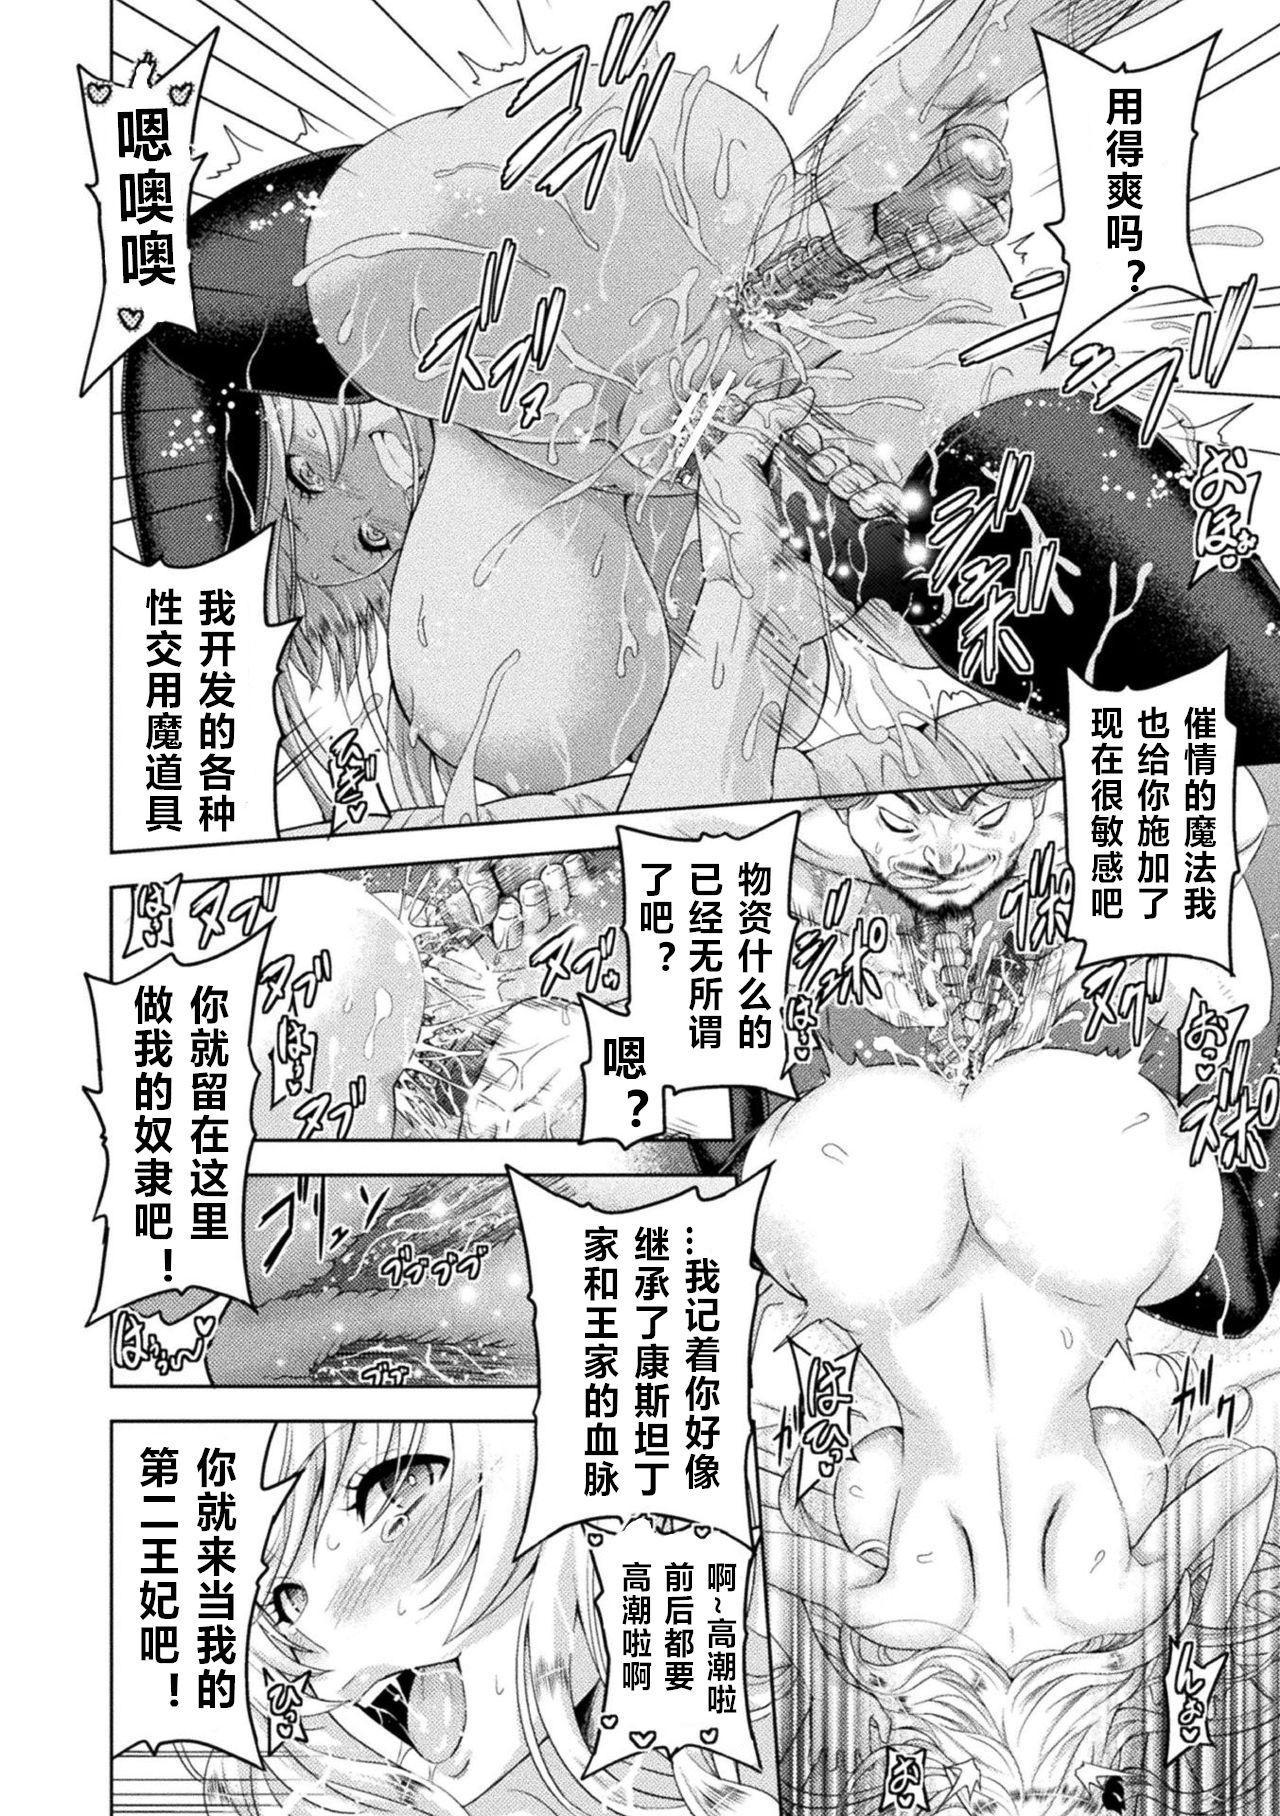 ERONA Orc no Inmon ni Okasareta Onna Kishi no Matsuro Ch. 1-5 93